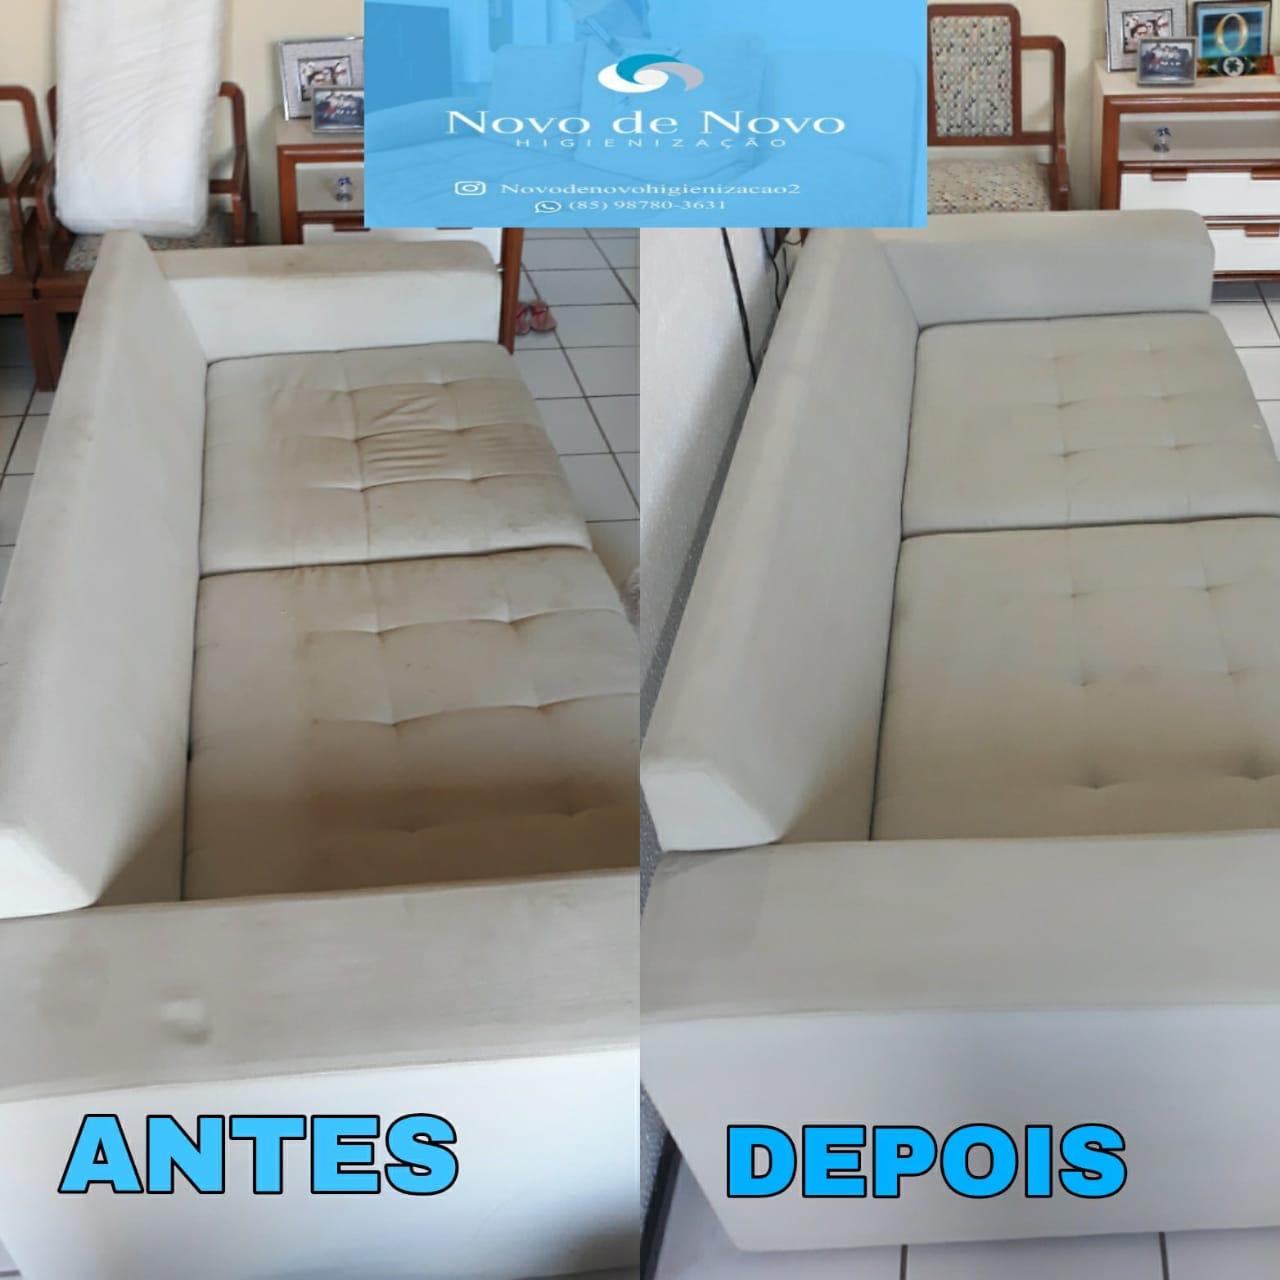 Lavagem de sofa de até 3 lugares tamanho (Padrão) ou cama box solteiro ou colchão solteiro ou conjunto de até 4 cadeiras de mesa de jantar De R$120,00 por apenas R$30,00